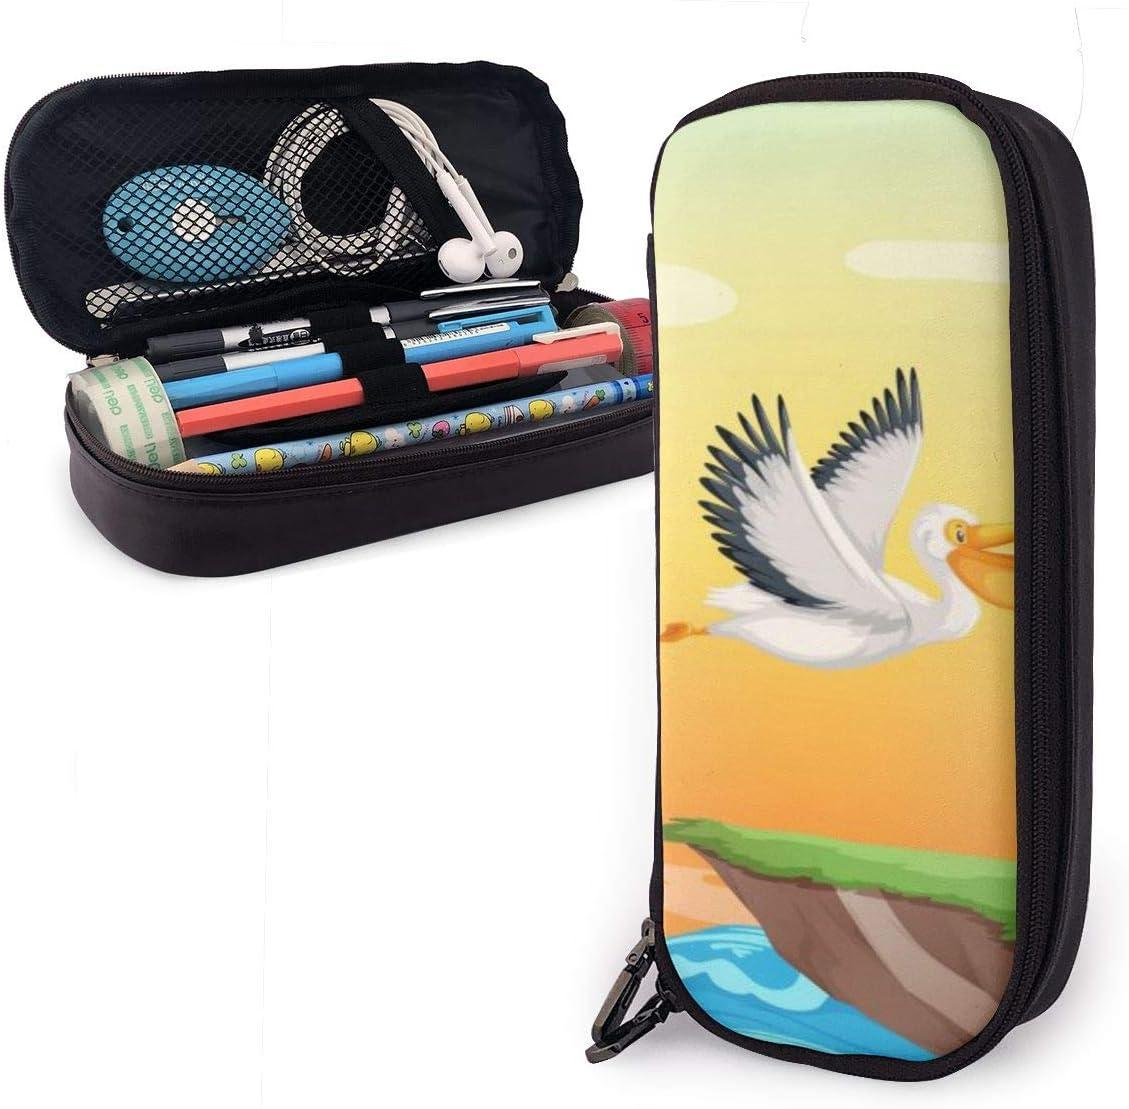 Estuche Pelican Flying On The Sky para niños y niñas, estuche grande para lápices, estuche para estudiantes, universidad, material escolar y oficina: Amazon.es: Oficina y papelería